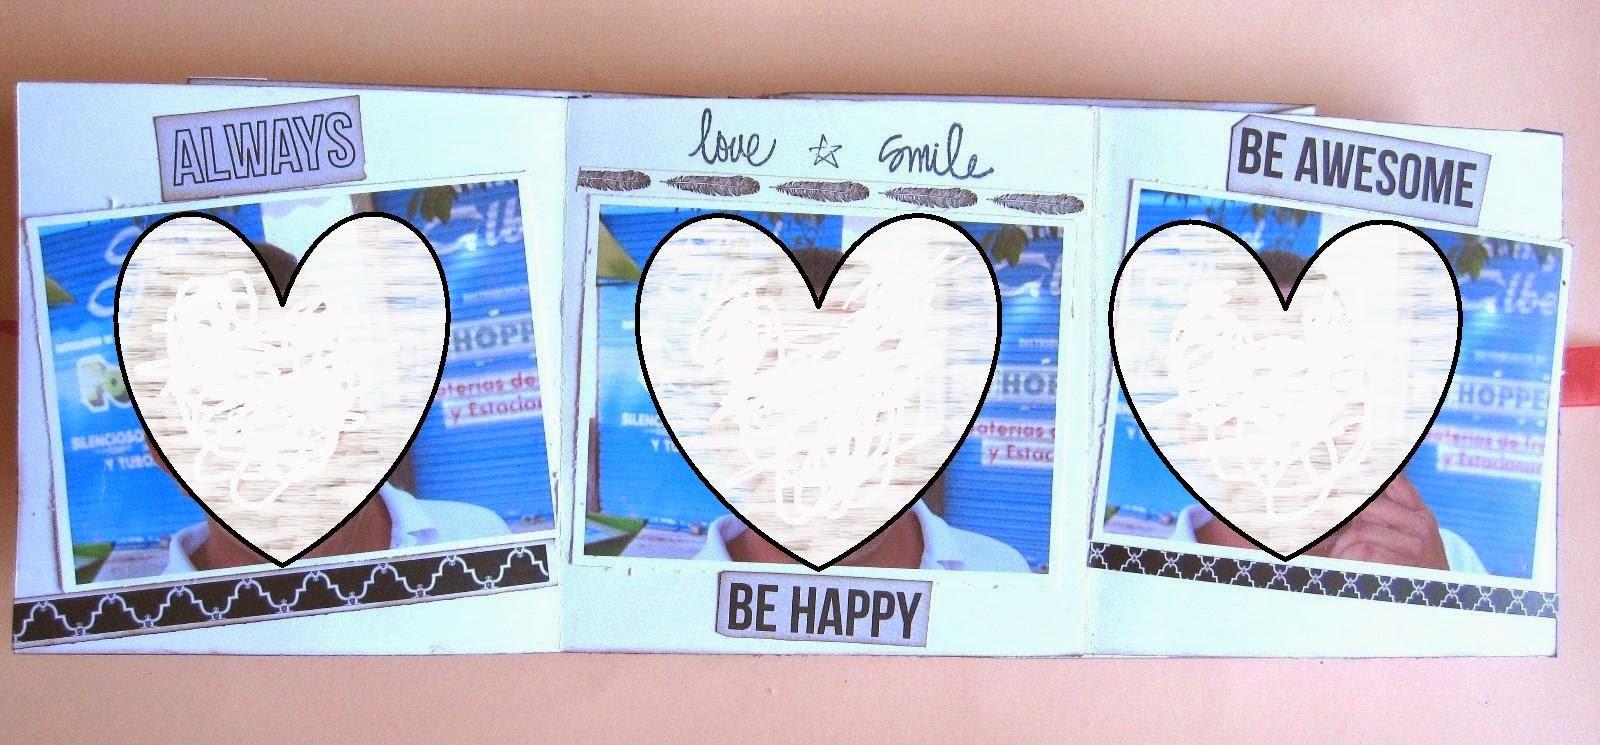 foto 10 decoración interior LOVE mini-album con tarjeta tríptico completamente abierta con fotos en su interior y decorada con sellos